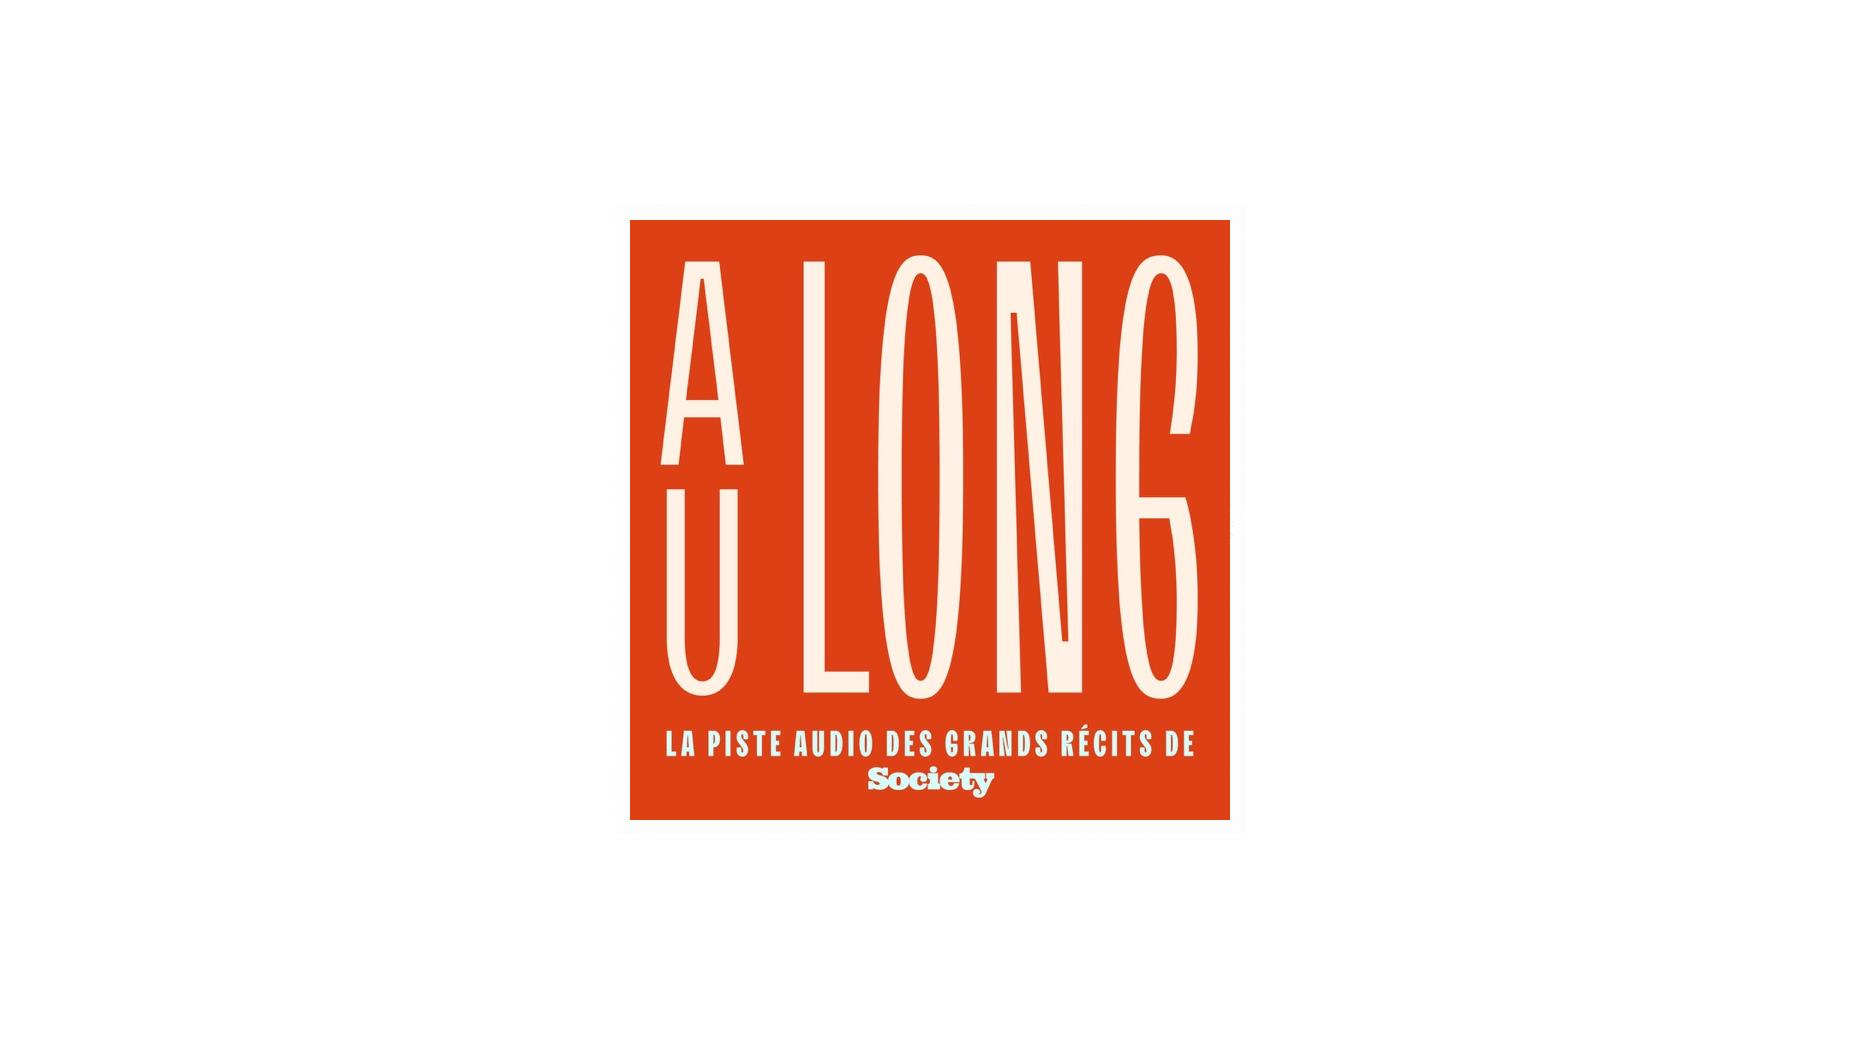 Au long